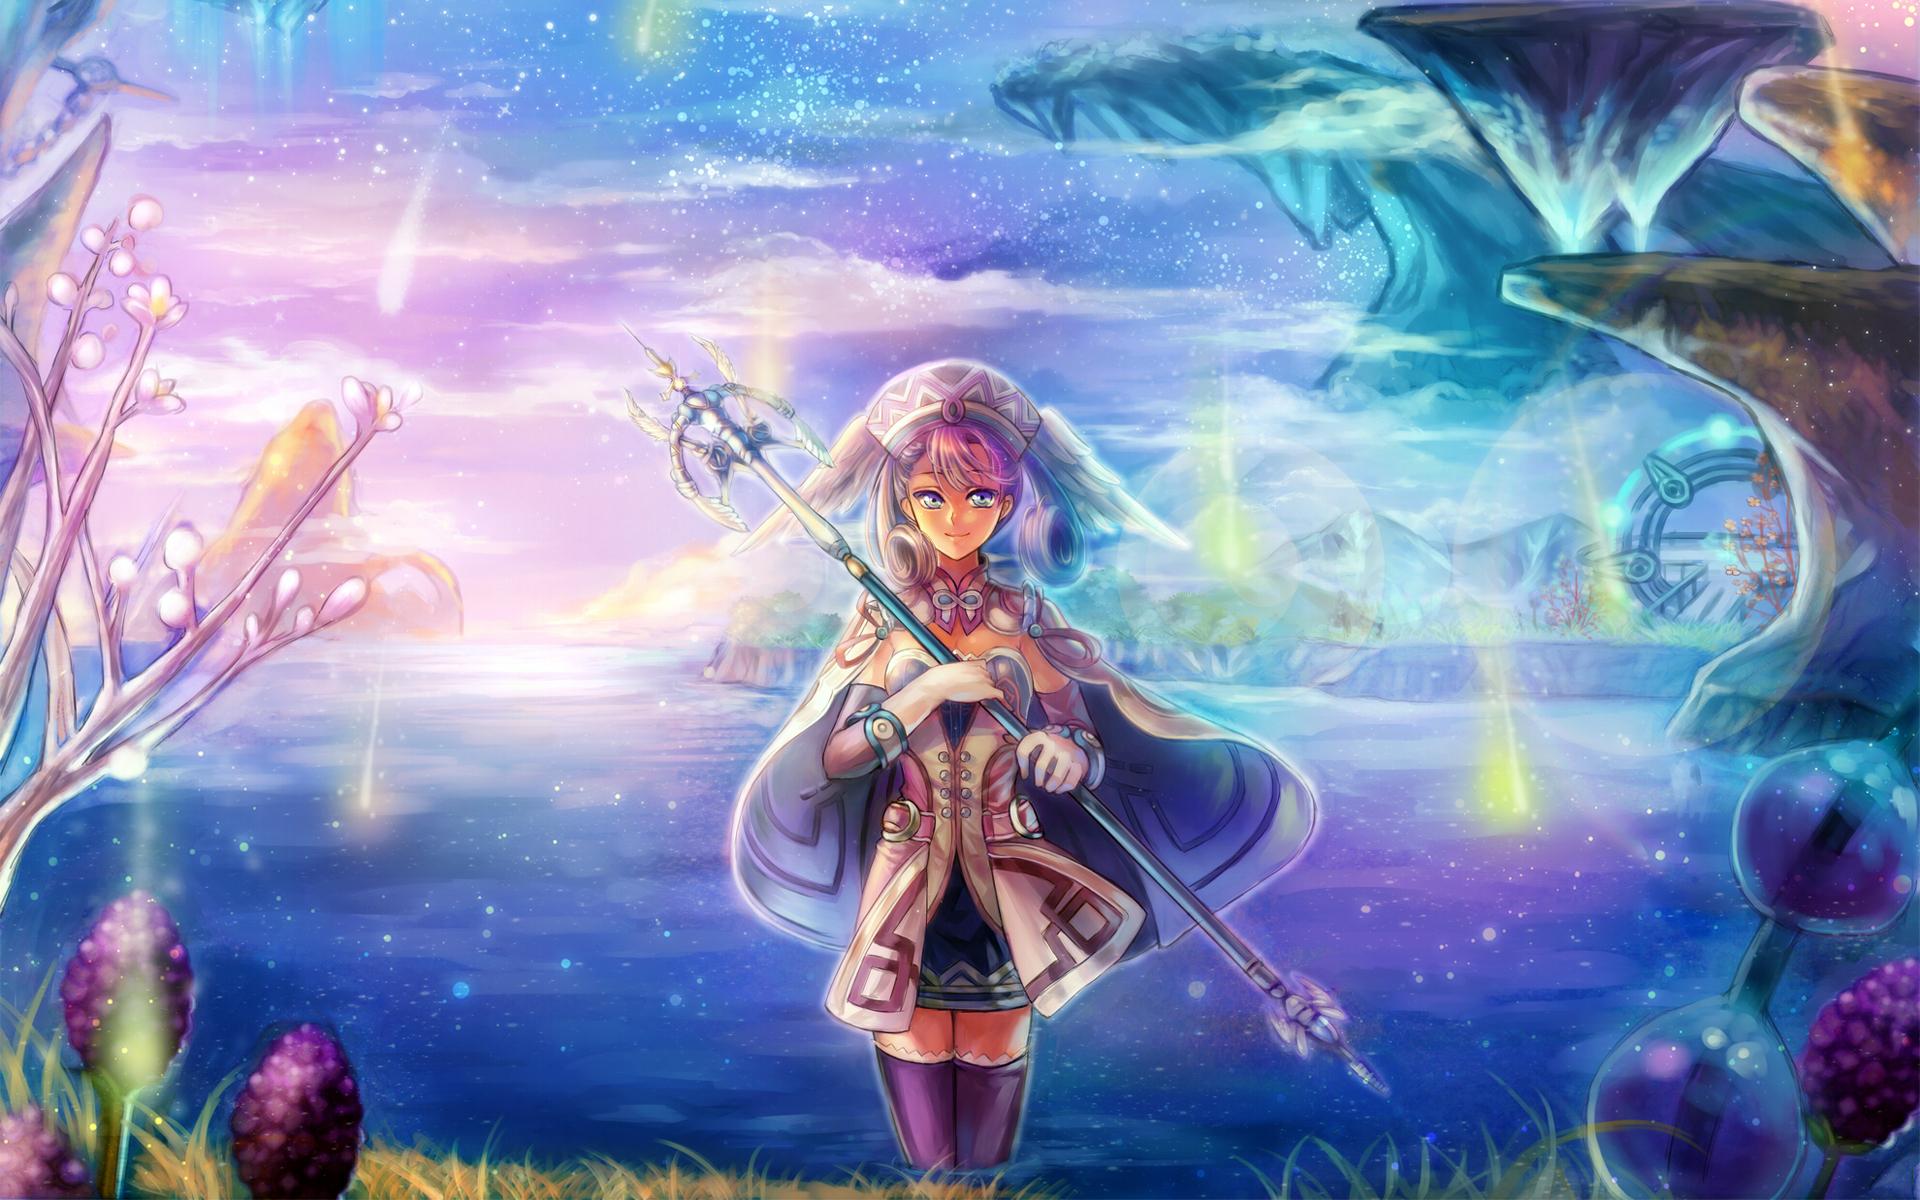 デスクトップ壁紙 図 アニメ 湖 岩 神話 ゼノブレイド